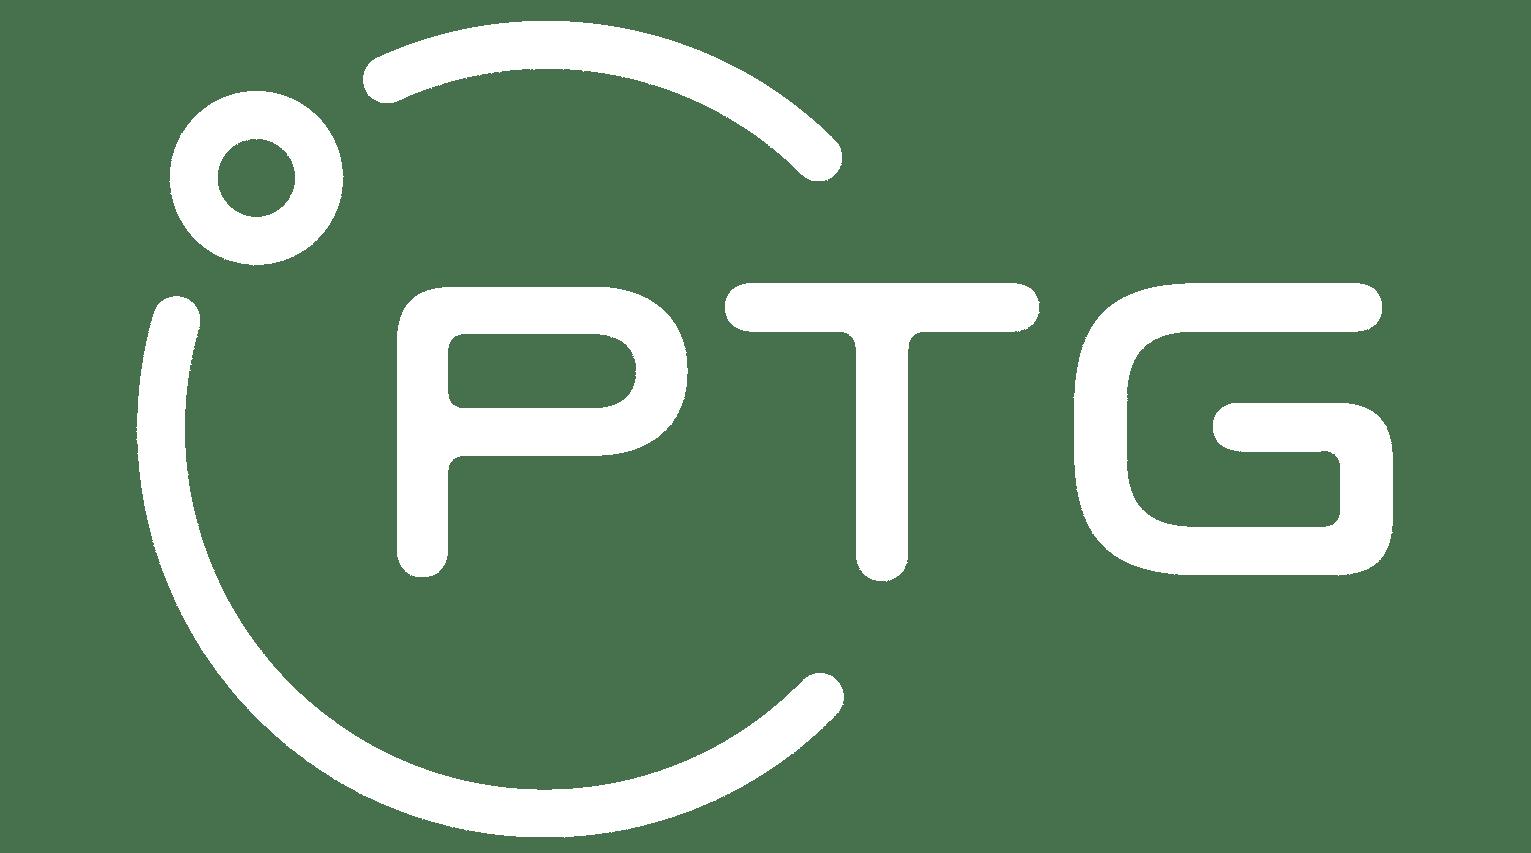 iocn-ptg-white